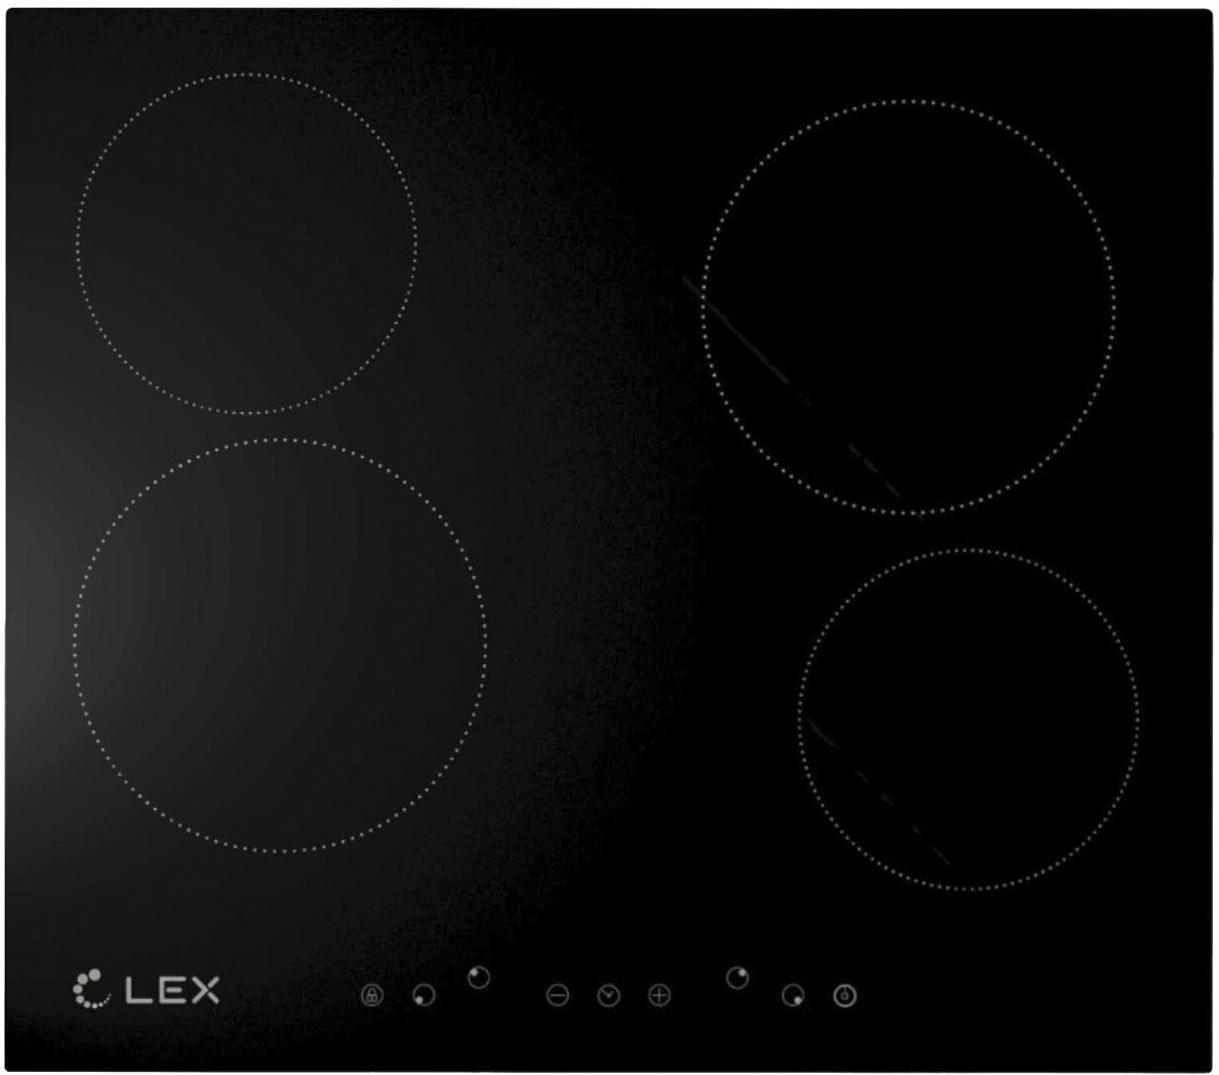 Панель варочная Lex Evh 640 bl цены